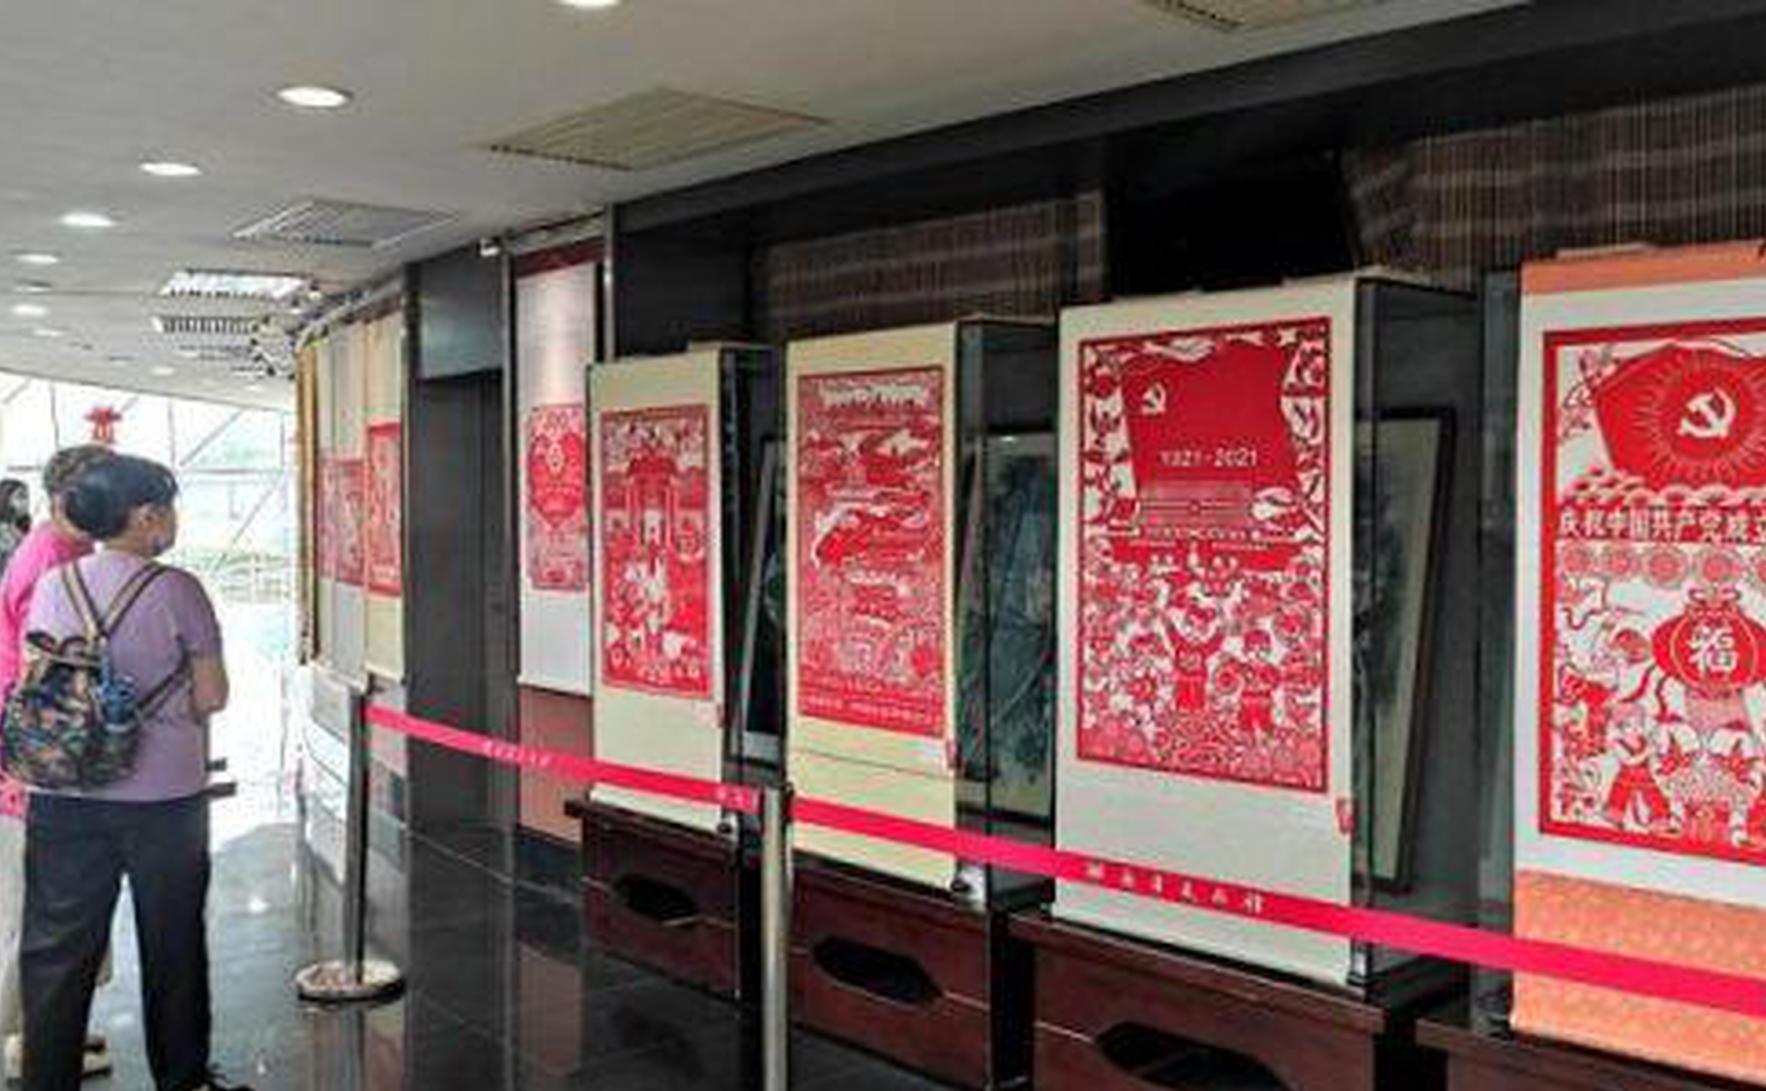 """120幅剪纸作品长沙展出 """"剪映""""百年社会发展变化"""